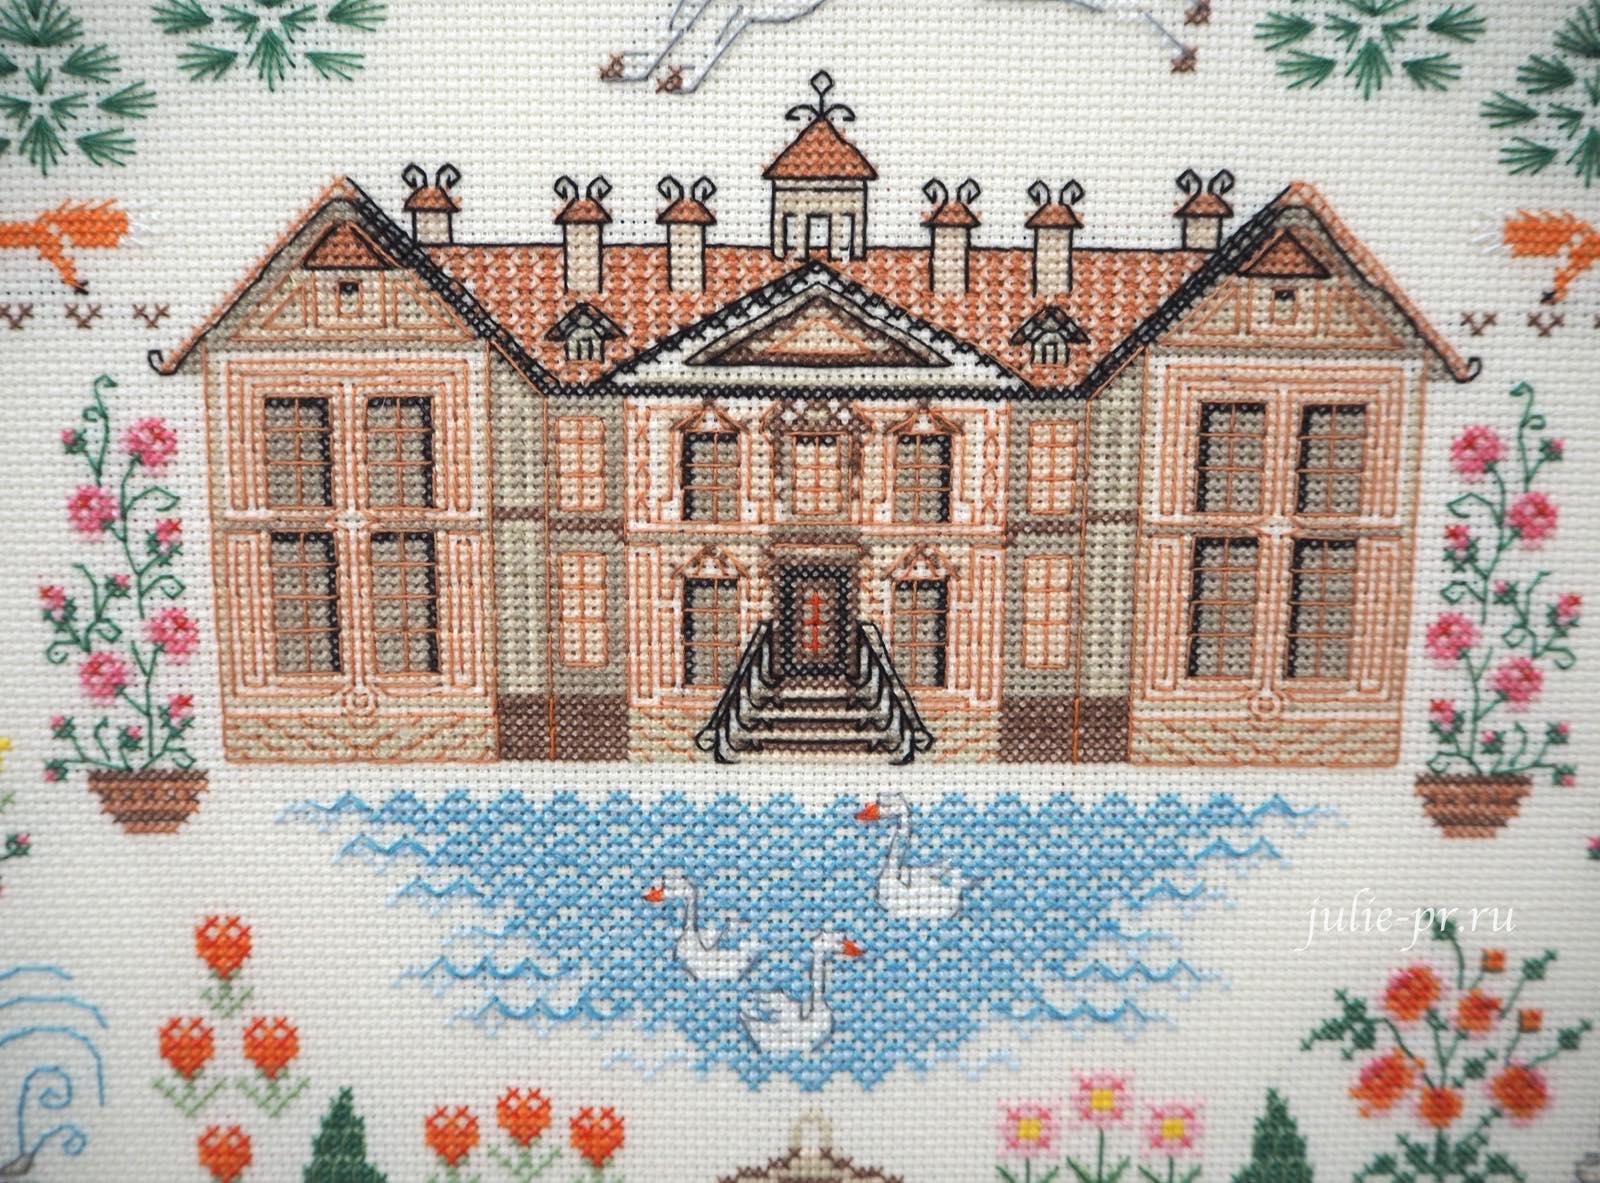 Риолис, Мой дом, вышивка крестом, формула рукоделия зима 2020